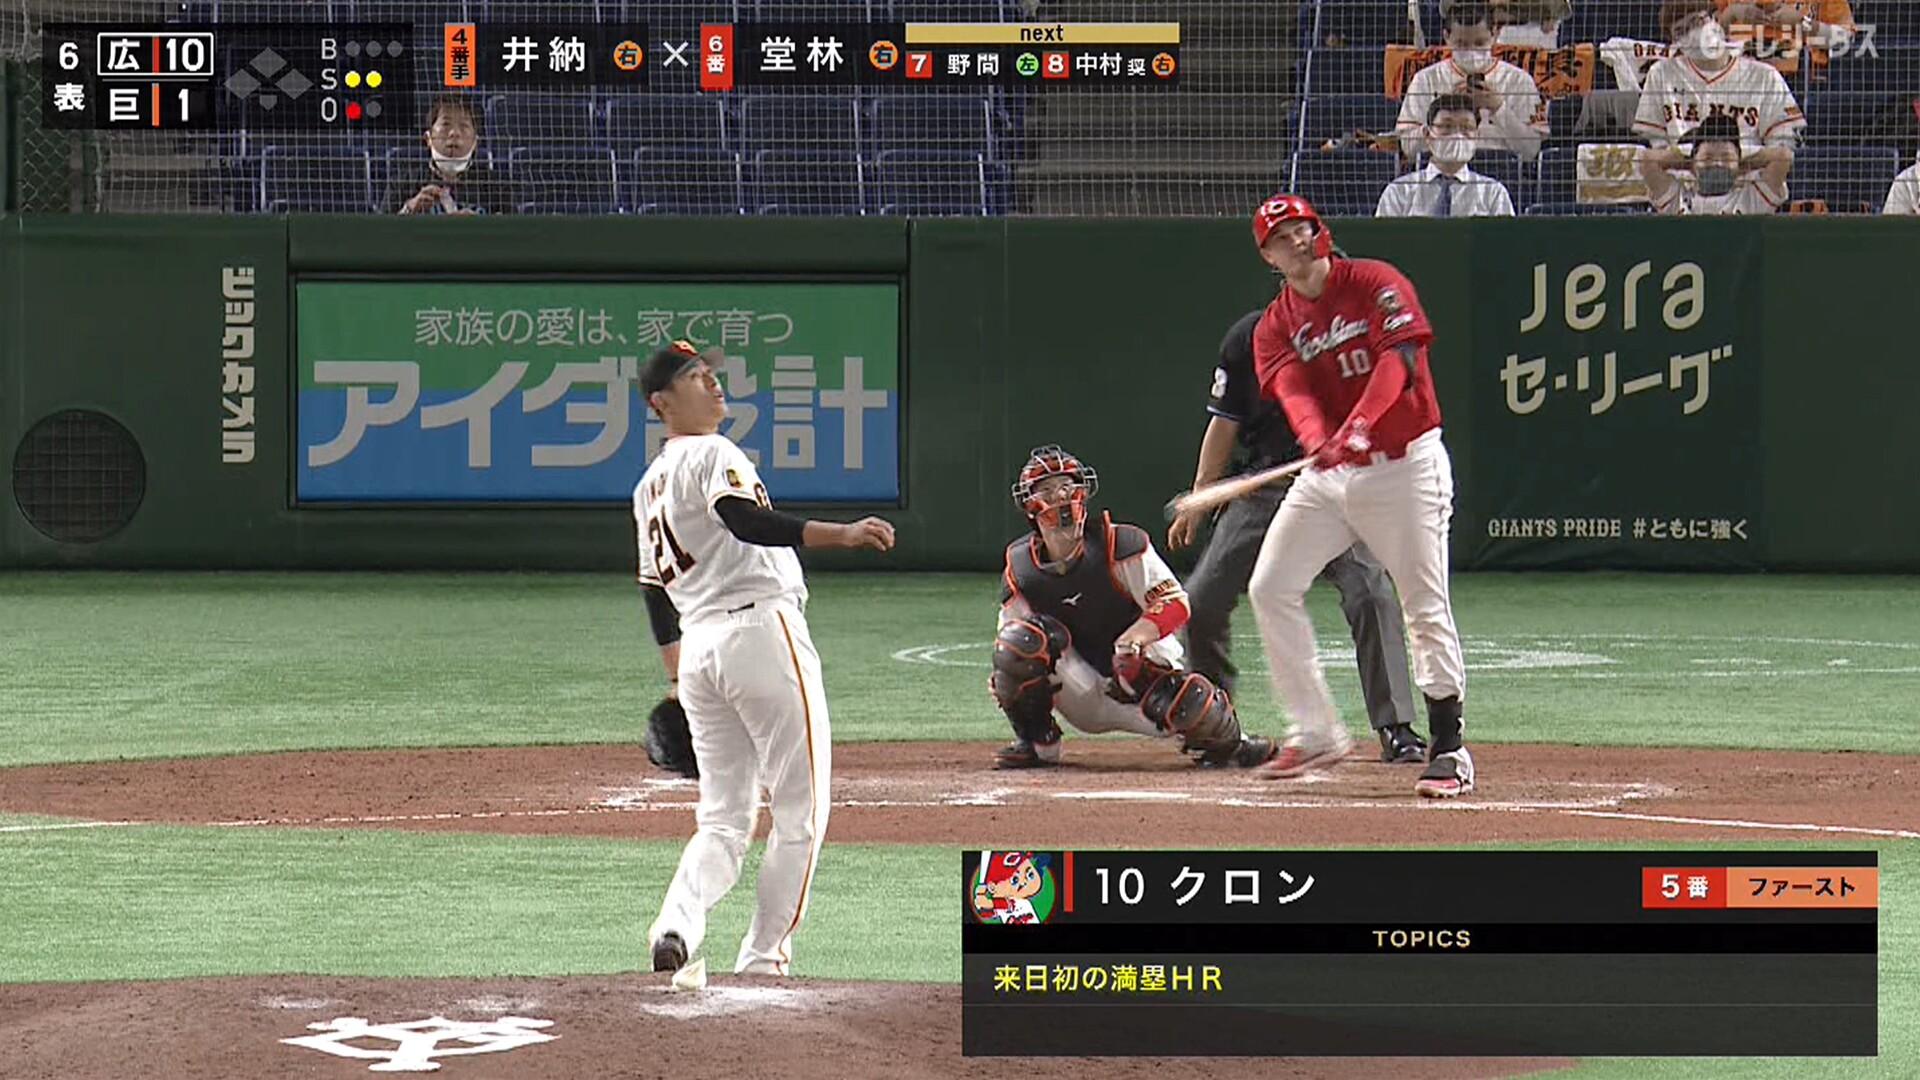 巨人・井納、満塁ホームラン被弾wwwwwwwwwwwwwwwwww